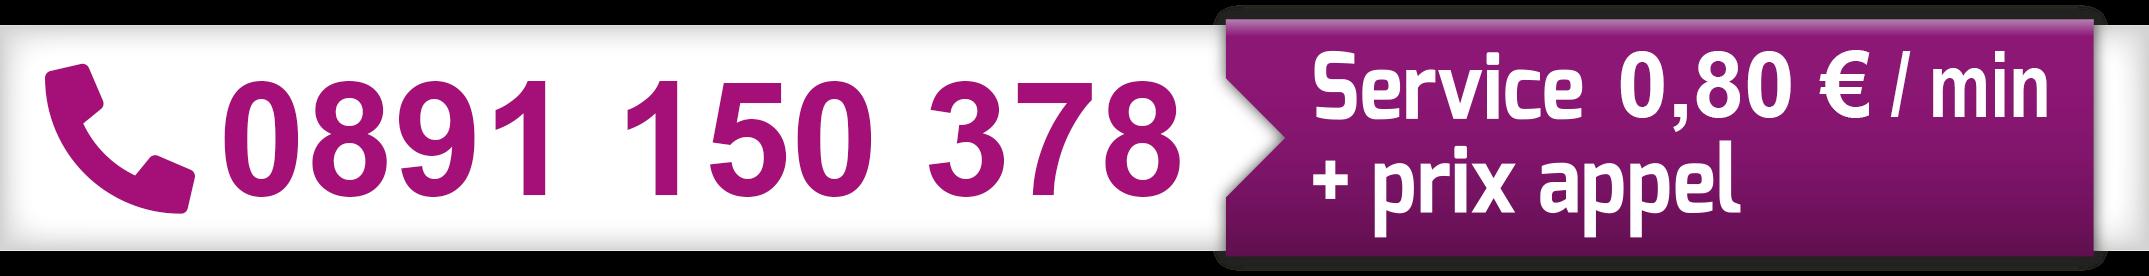 0891 150 378 le numéro des renseignements